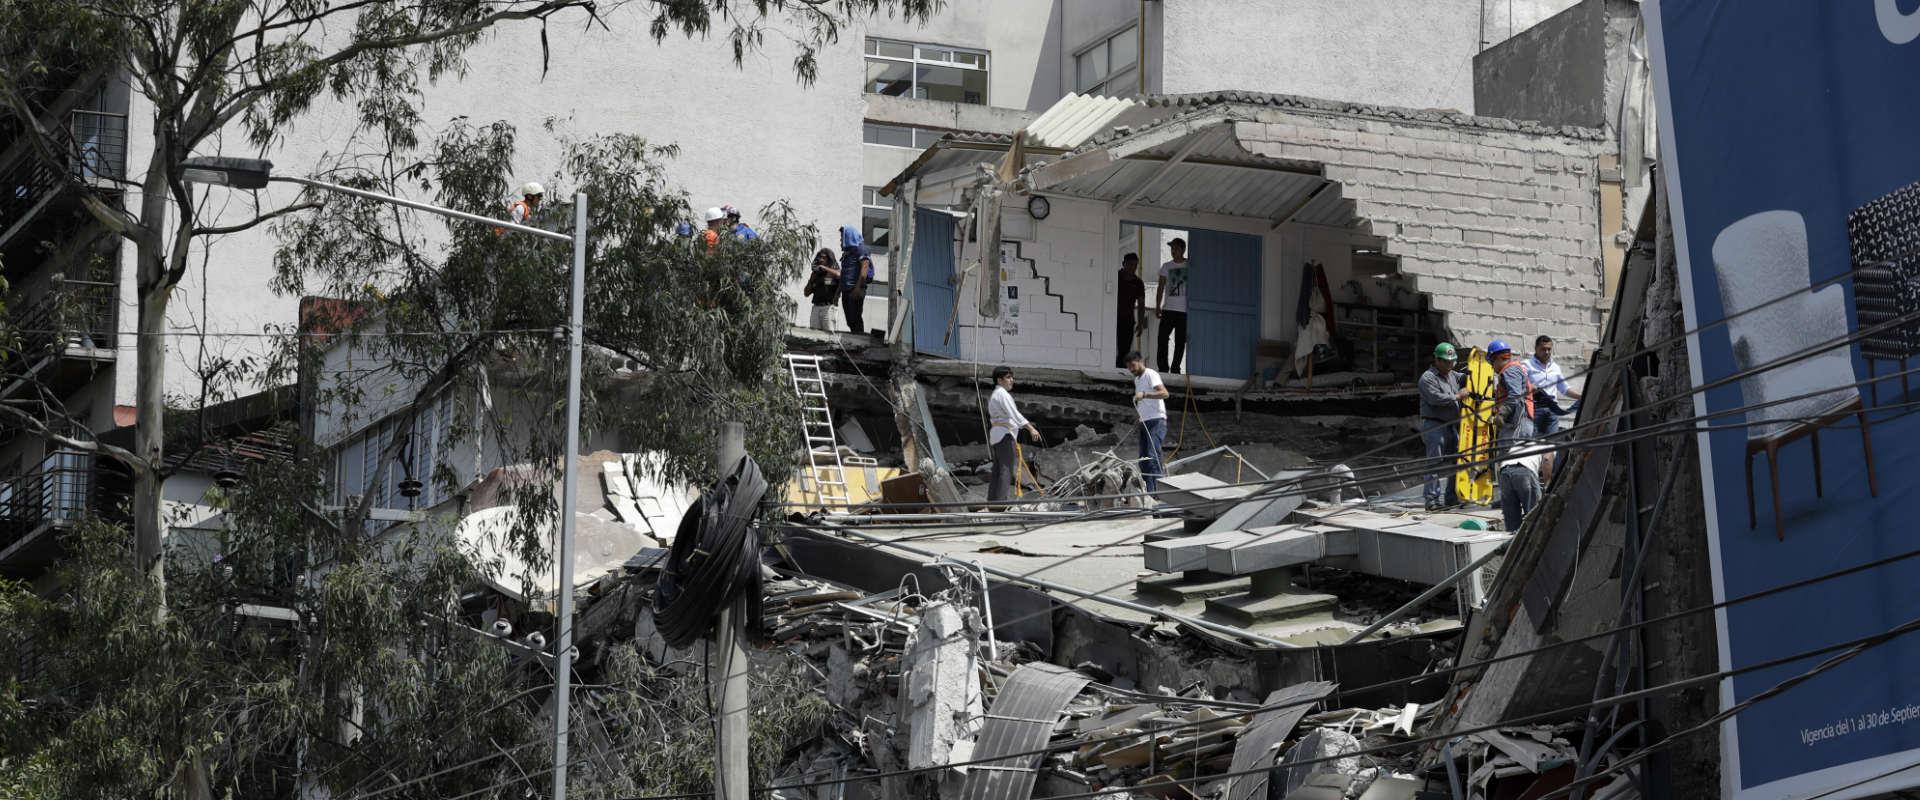 מבנה שקרס בעיר מקסיקו, היום